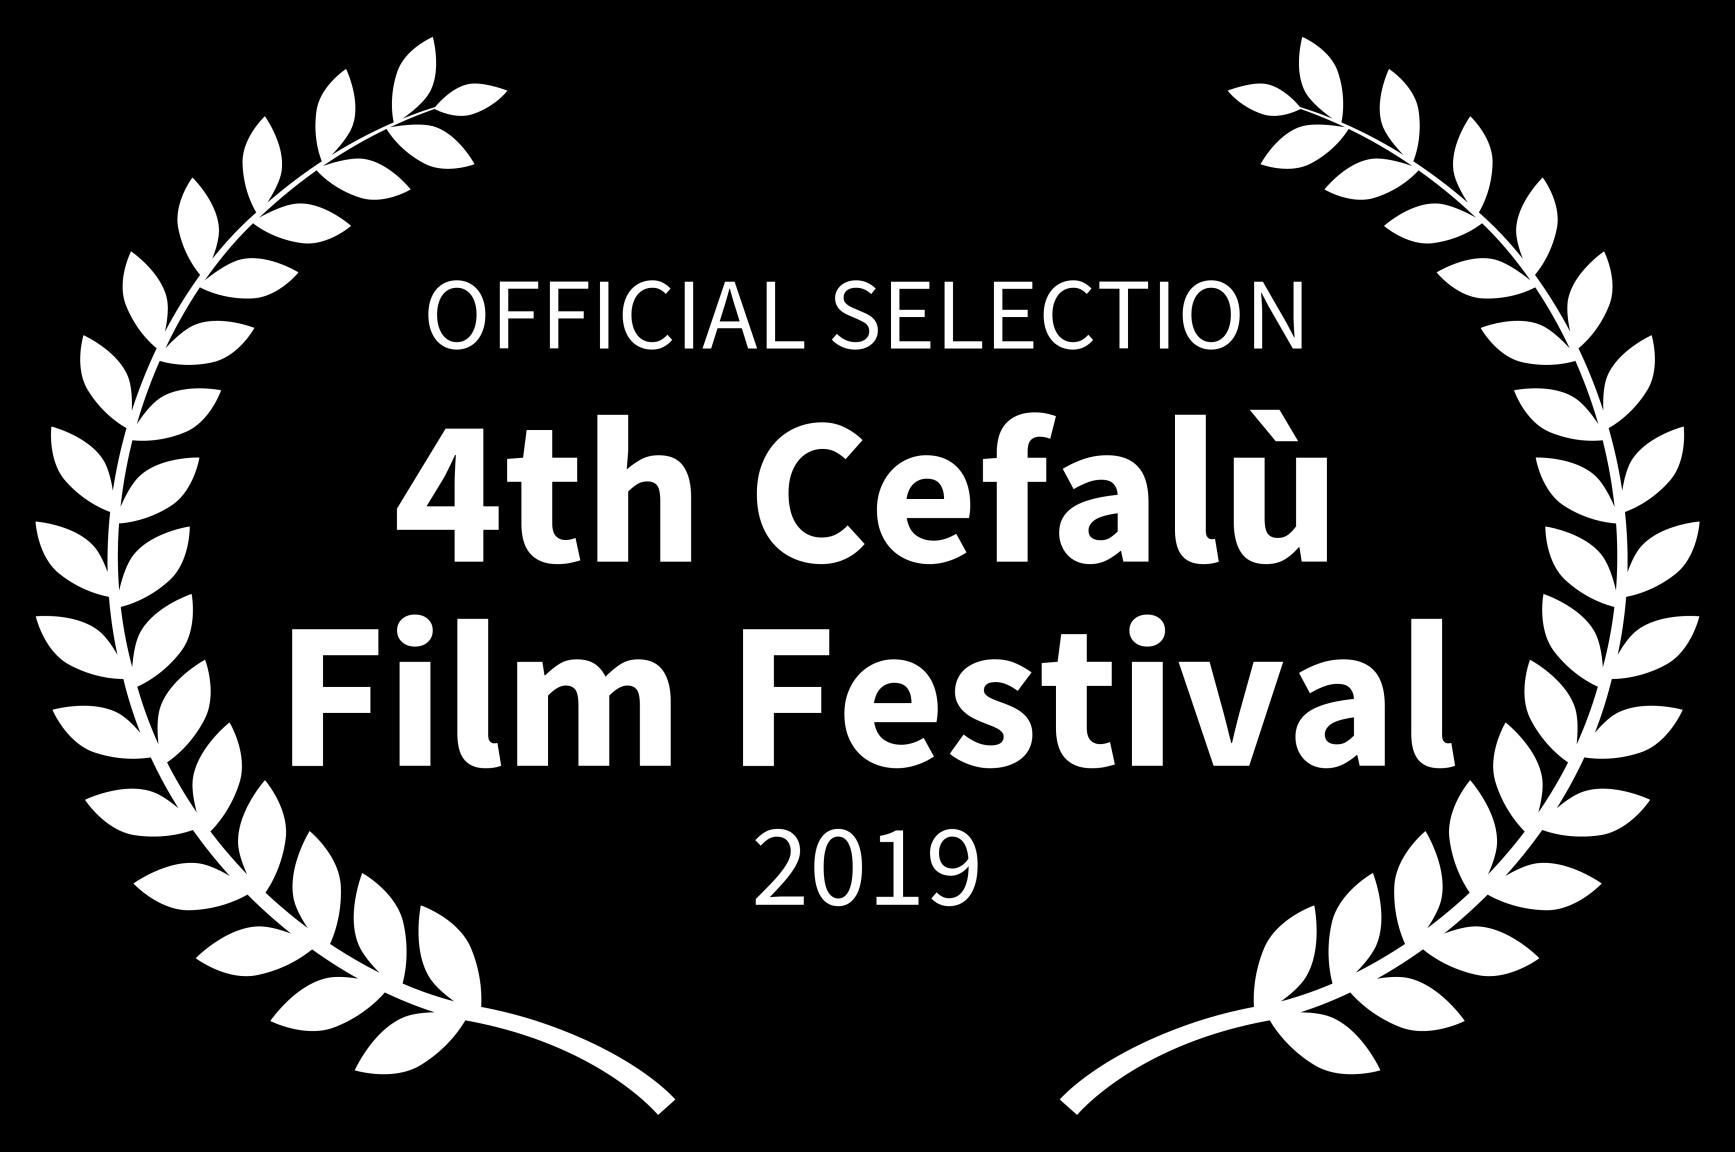 Donde no puedes llegar en Cefalu Film Festival